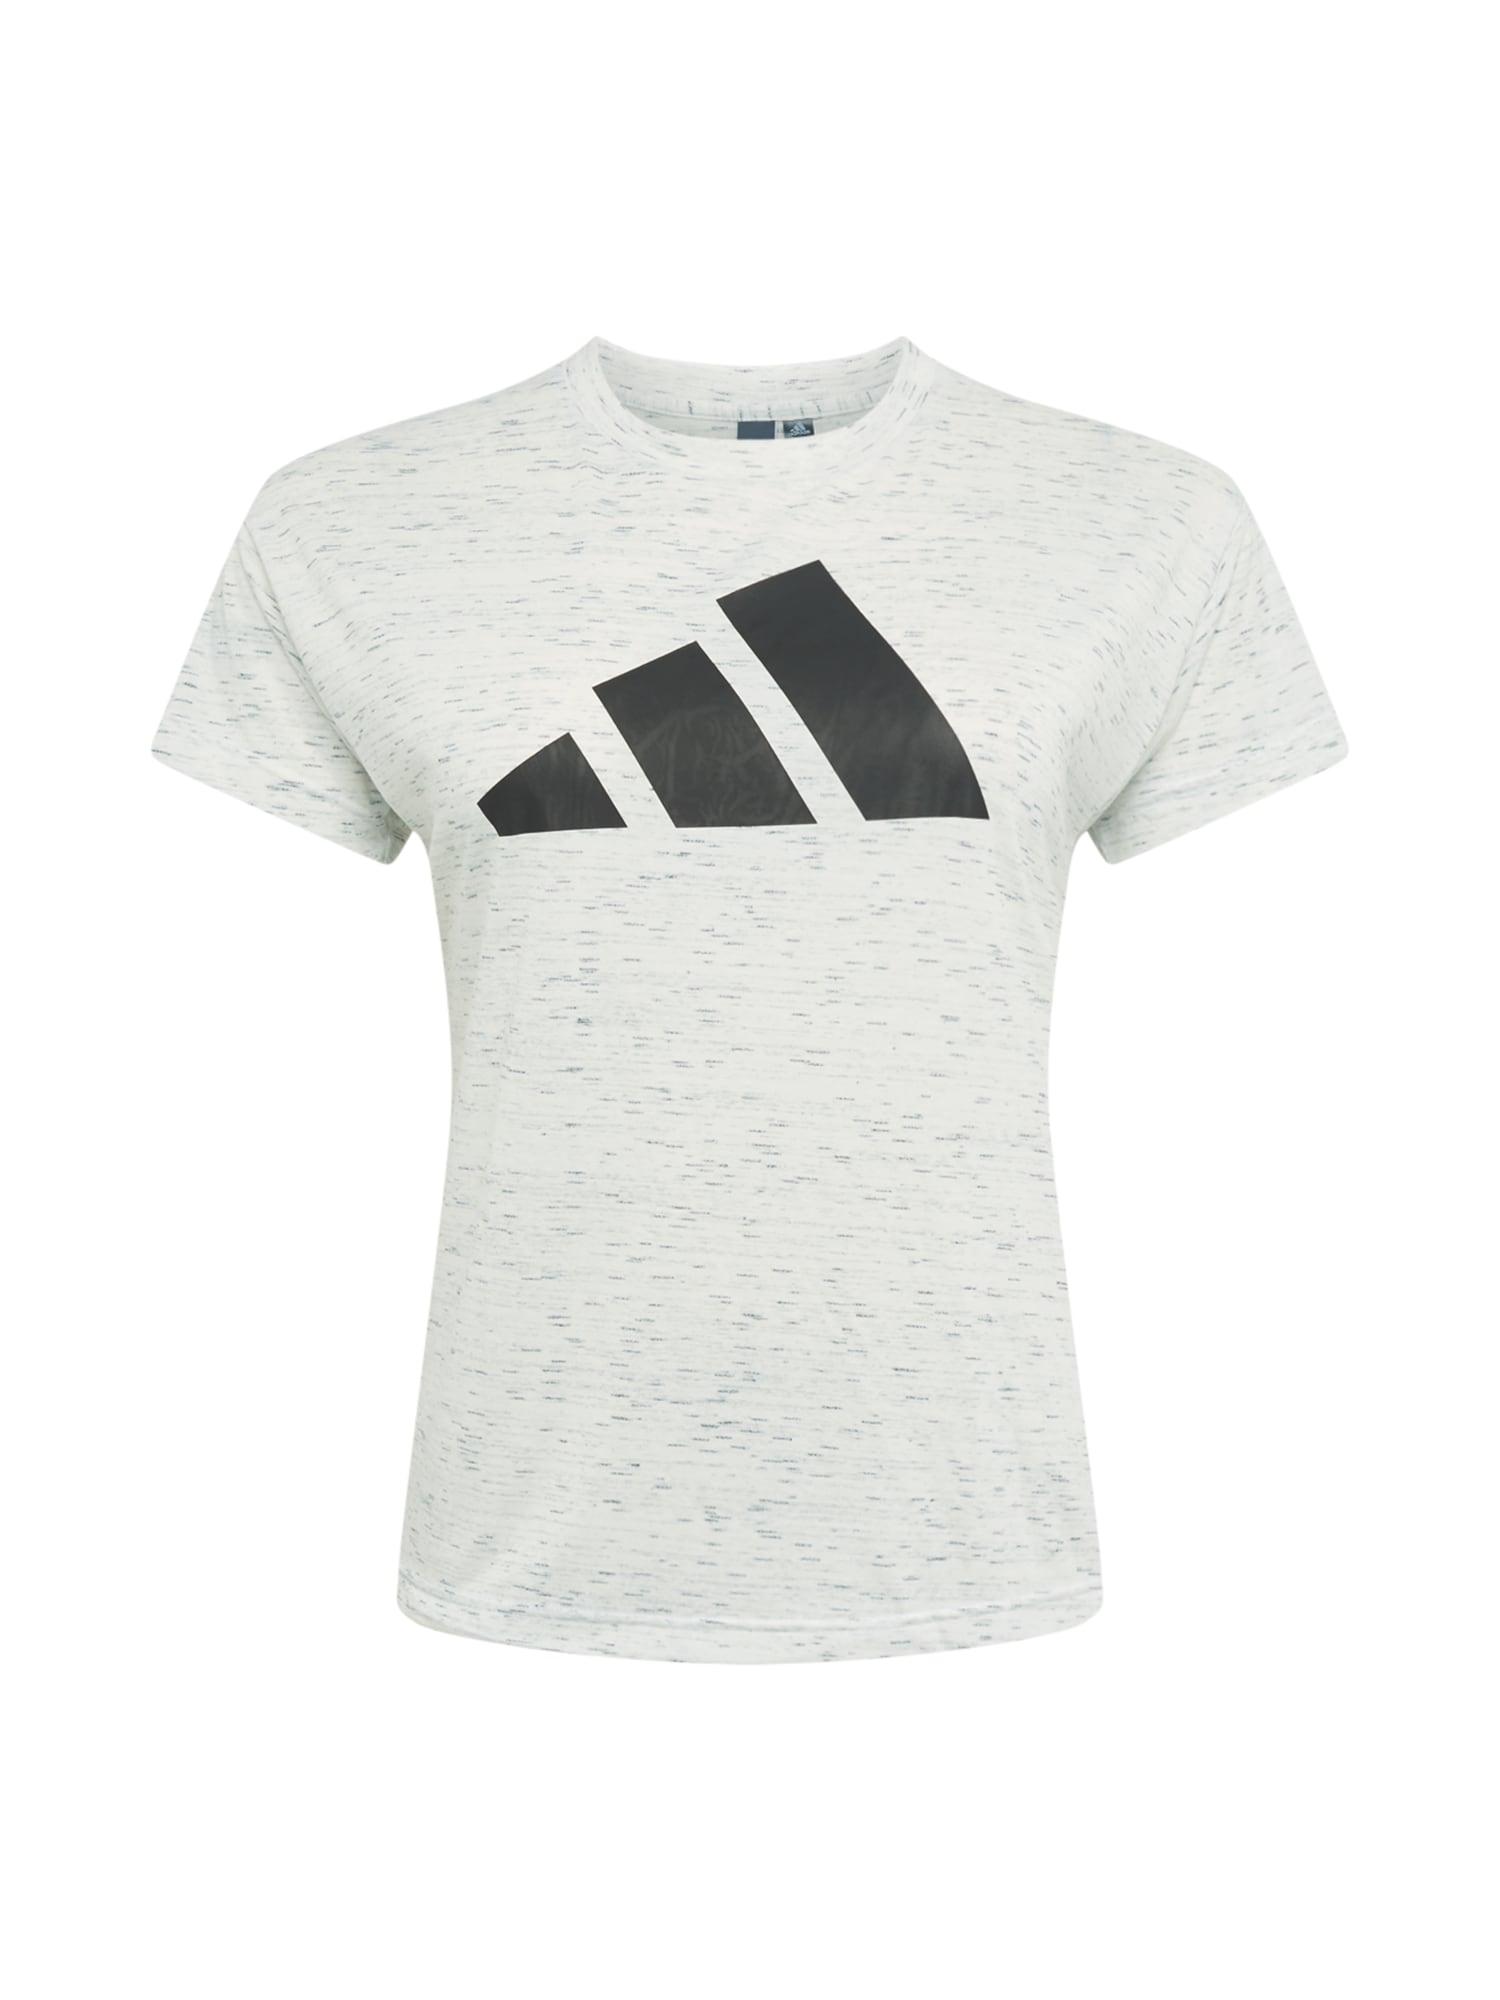 ADIDAS PERFORMANCE Sportiniai marškinėliai margai balta / juoda